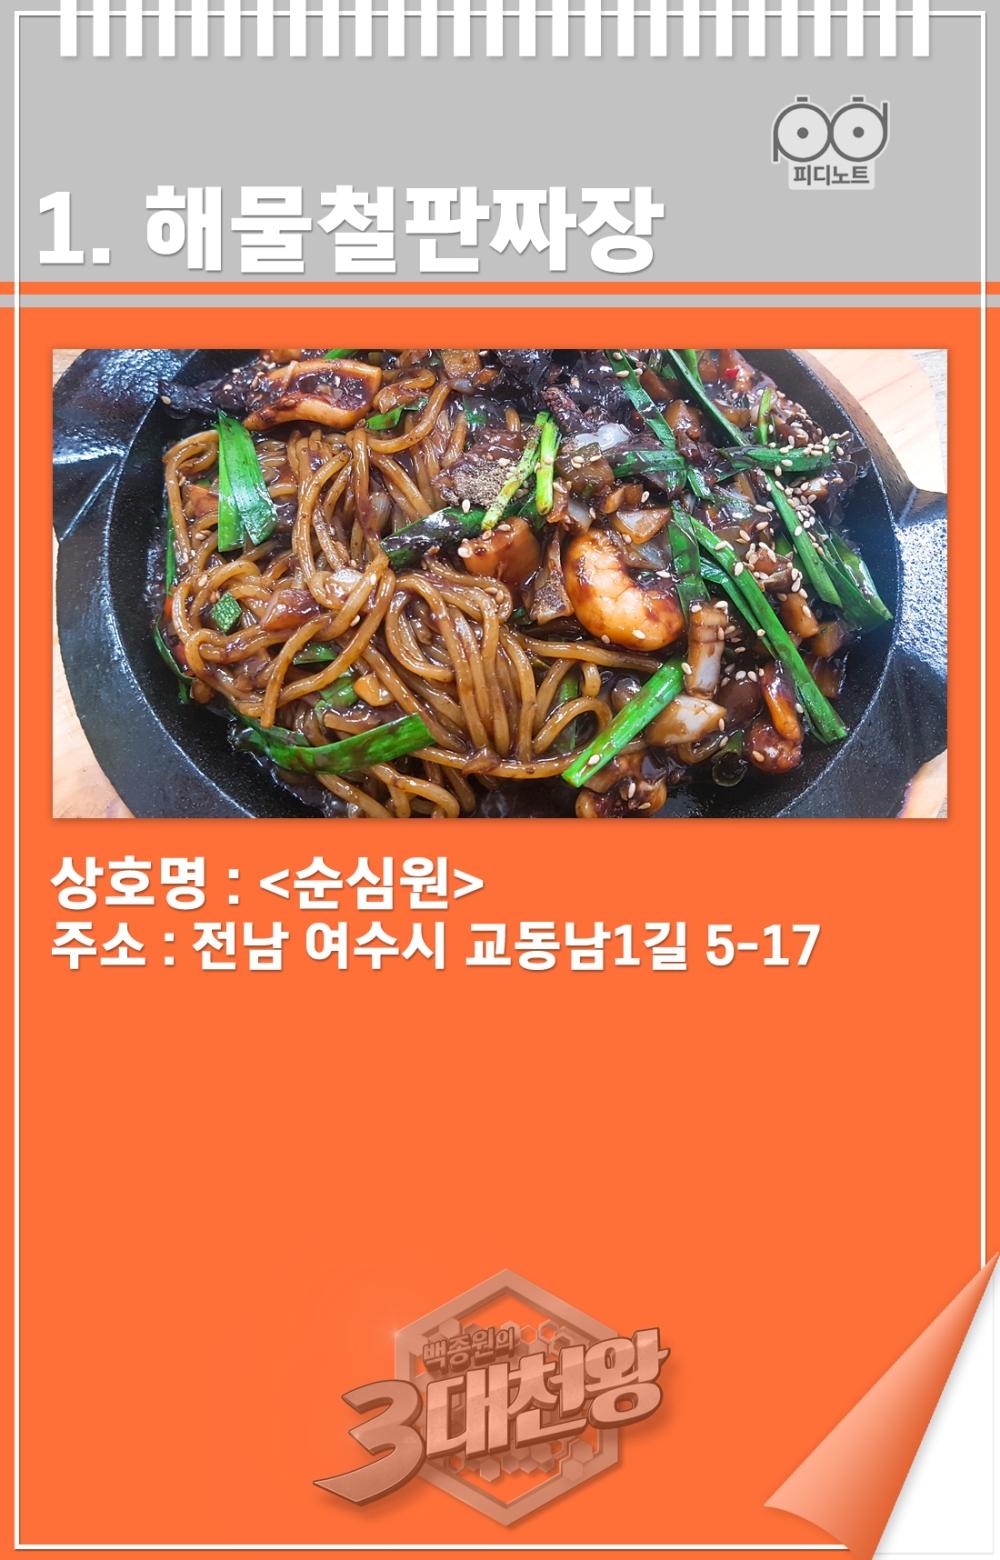 해물철판짜장순심원전남여수시교동남1길5-17